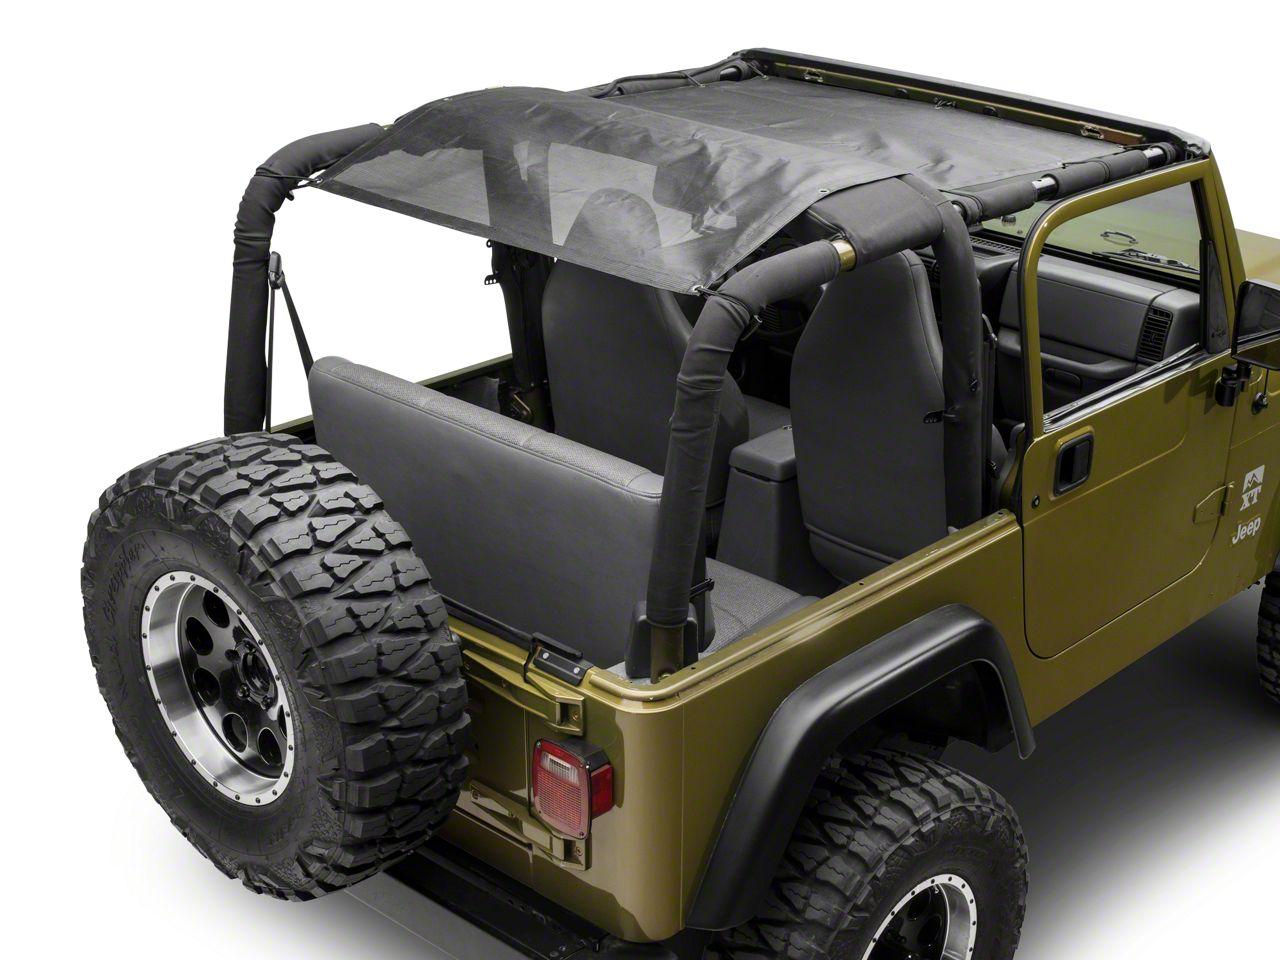 Smittybilt Cloak Extended Mesh Top - Black (97-06 Jeep Wrangler TJ)